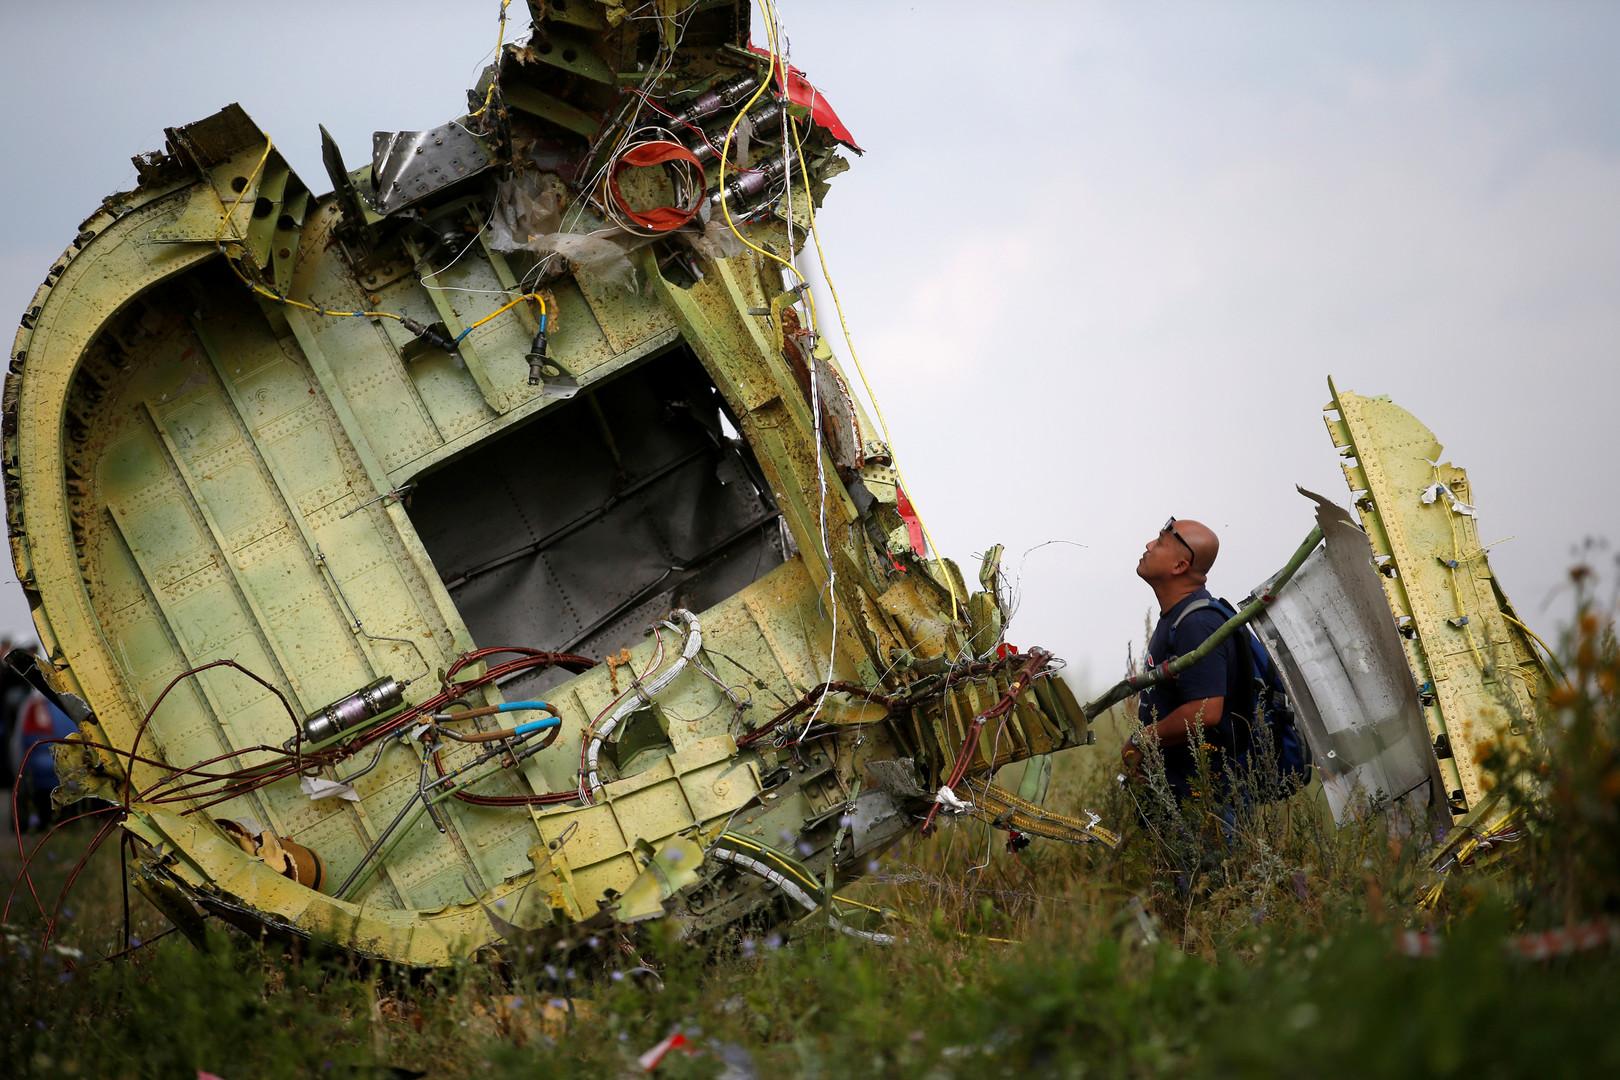 МИД Австралии: Список подозреваемых по делу MH17 может быть подтверждён к концу этого года